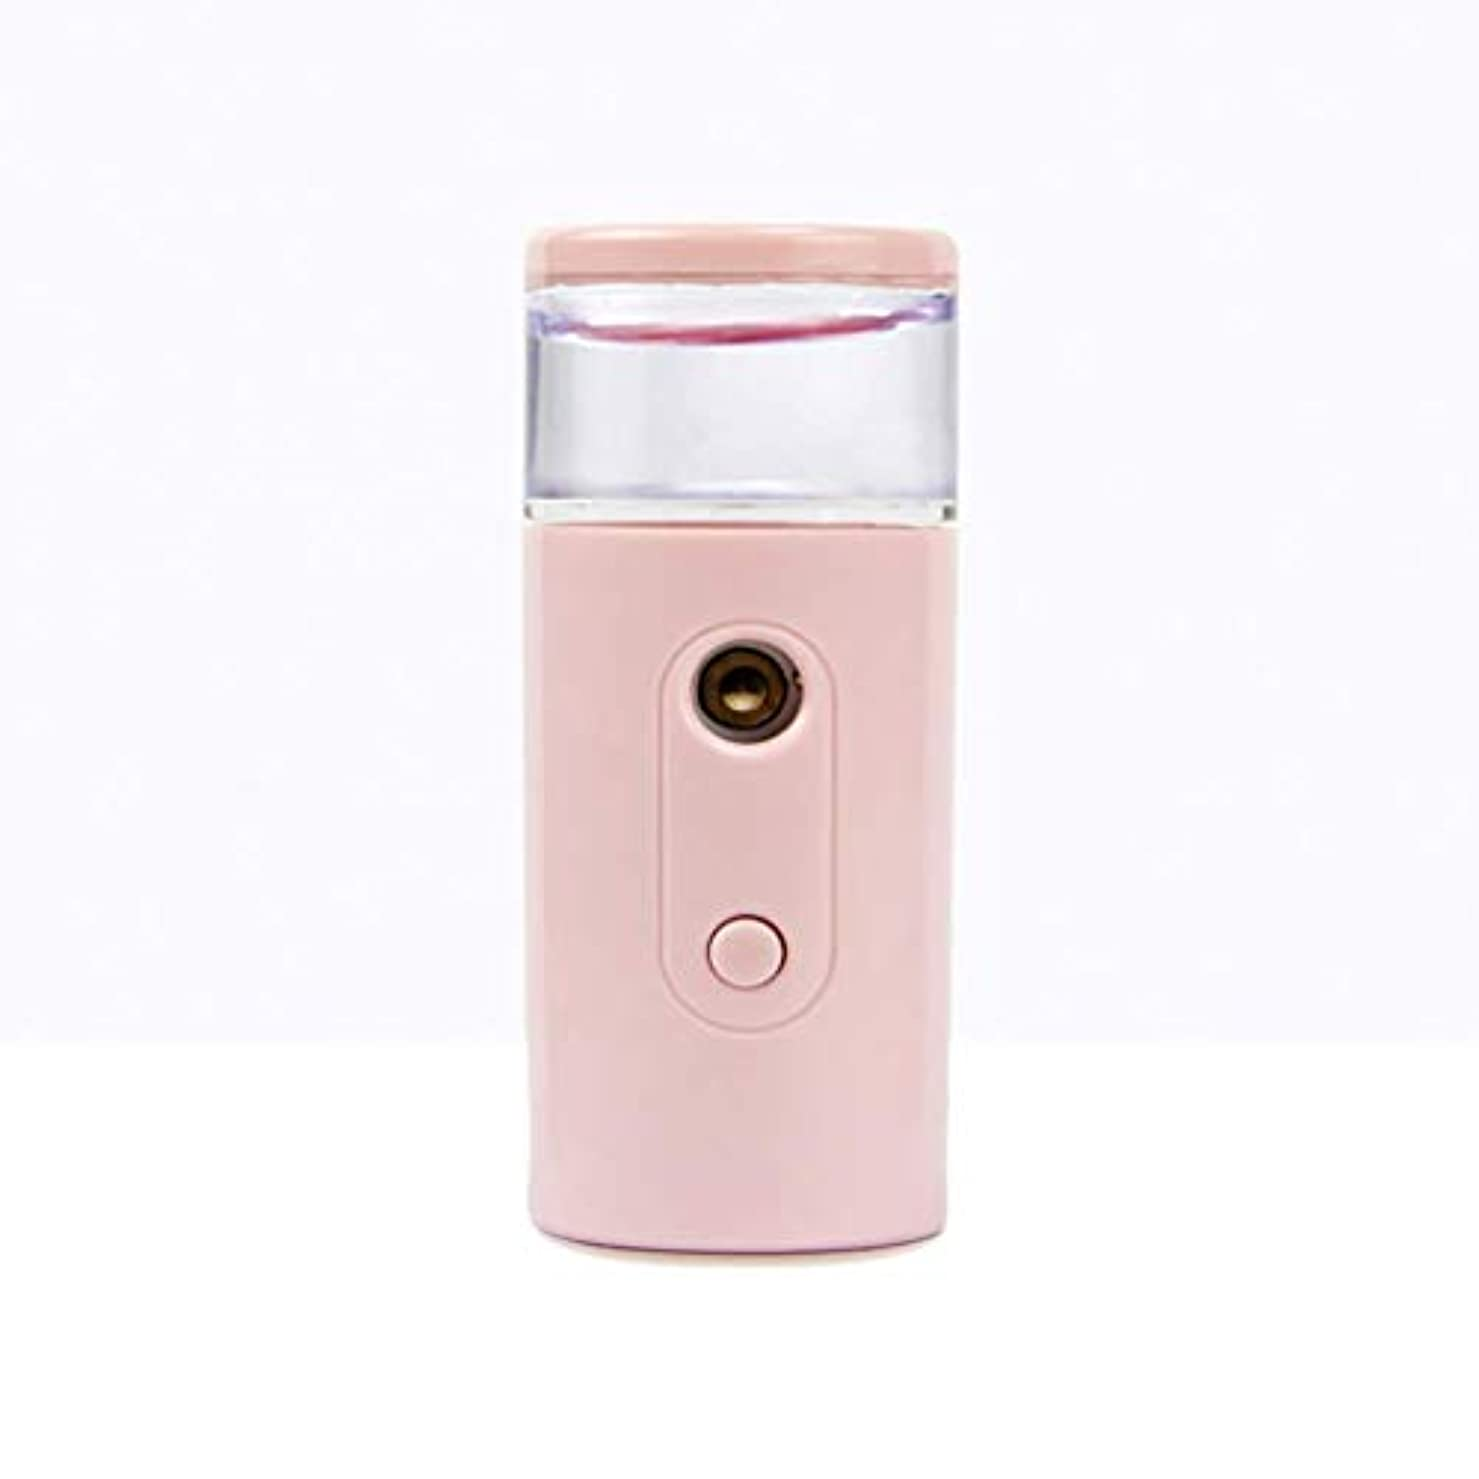 パイ挽く数値Nano Facial Mister、30ml視覚的水タンクを備えた充電式フェイシャルスチーマー、スキンケア、旅行用保湿&保湿